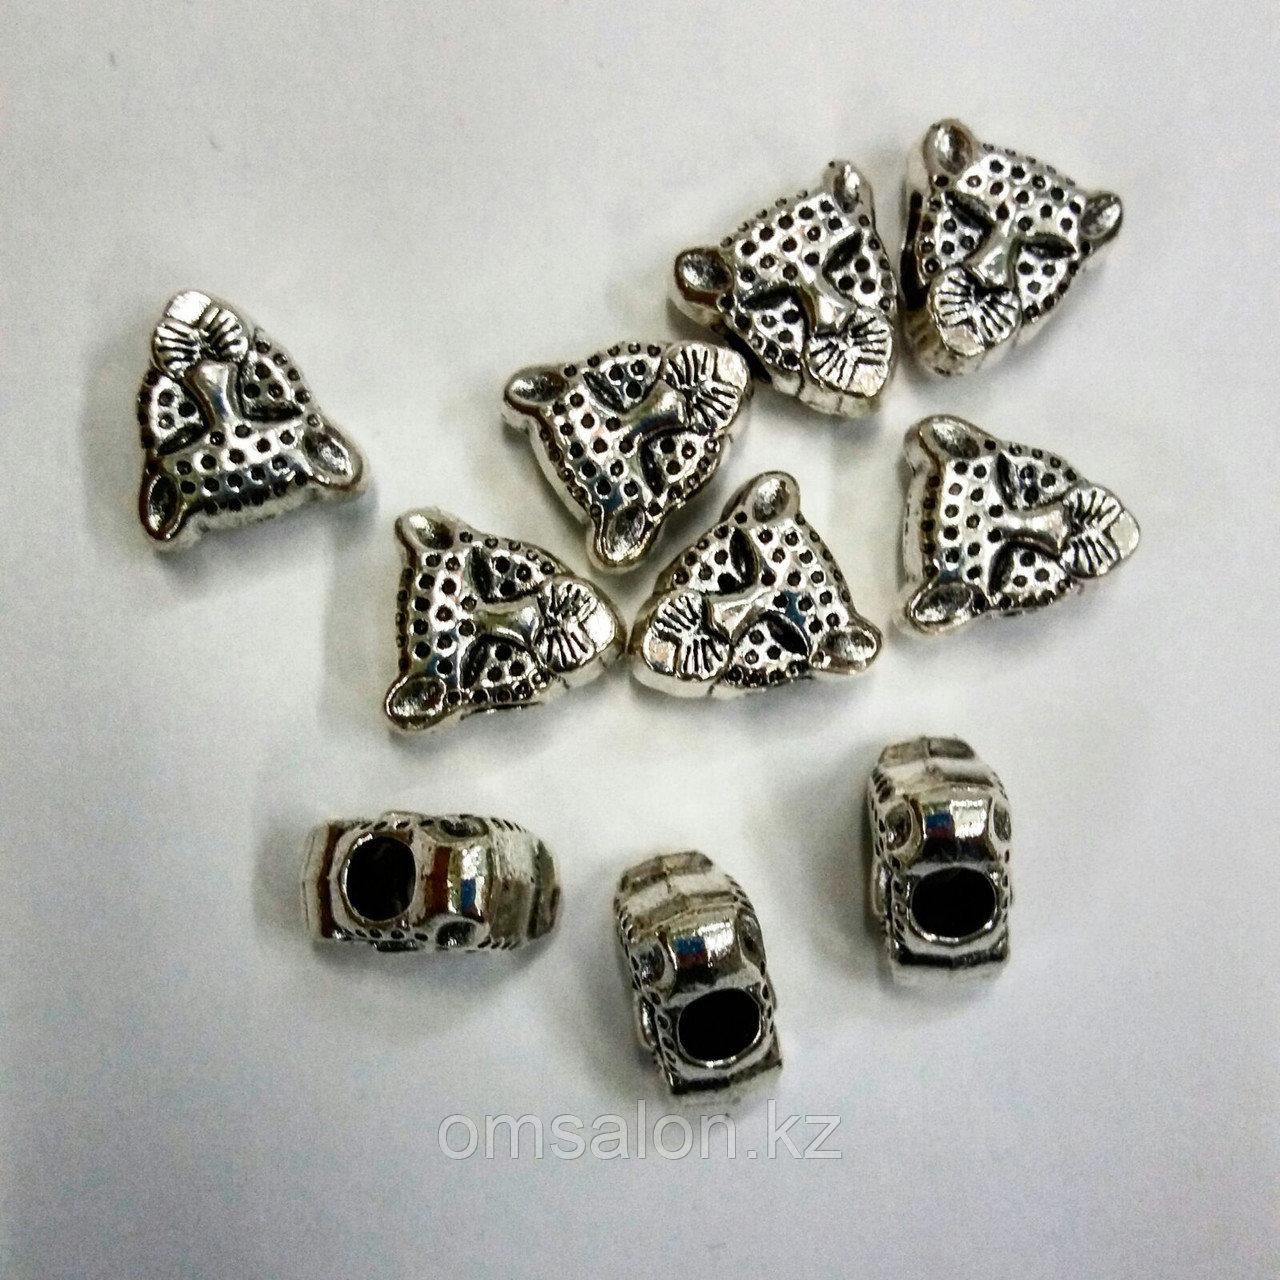 Бусины шармики для  браслета Пандора Леопард